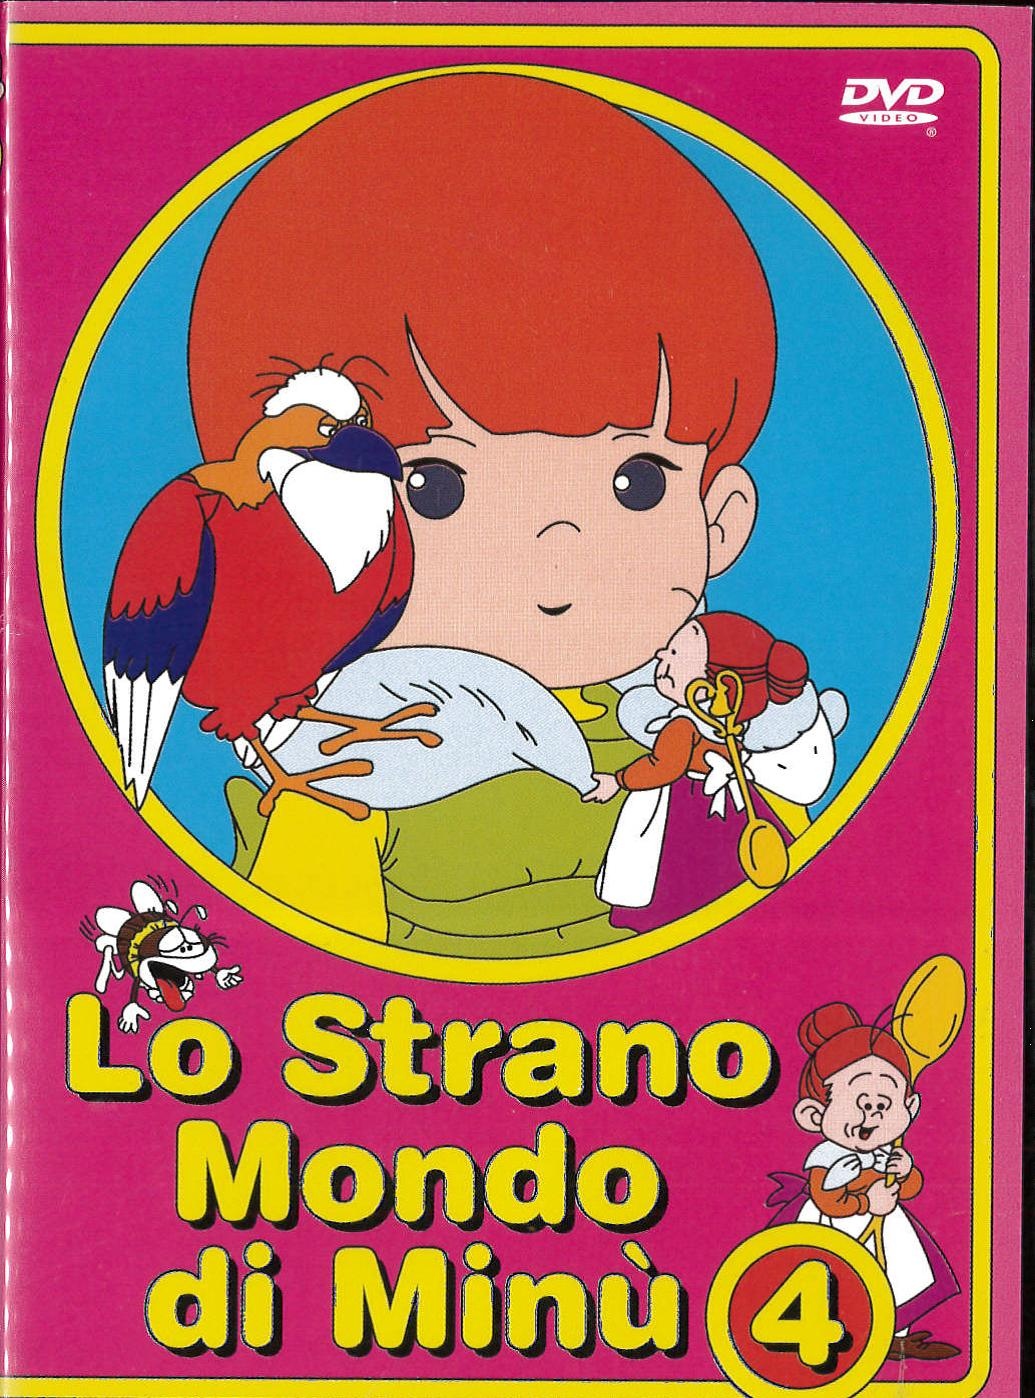 LO STRANO MONDO DI MINU' - VOL 4 (DVD)